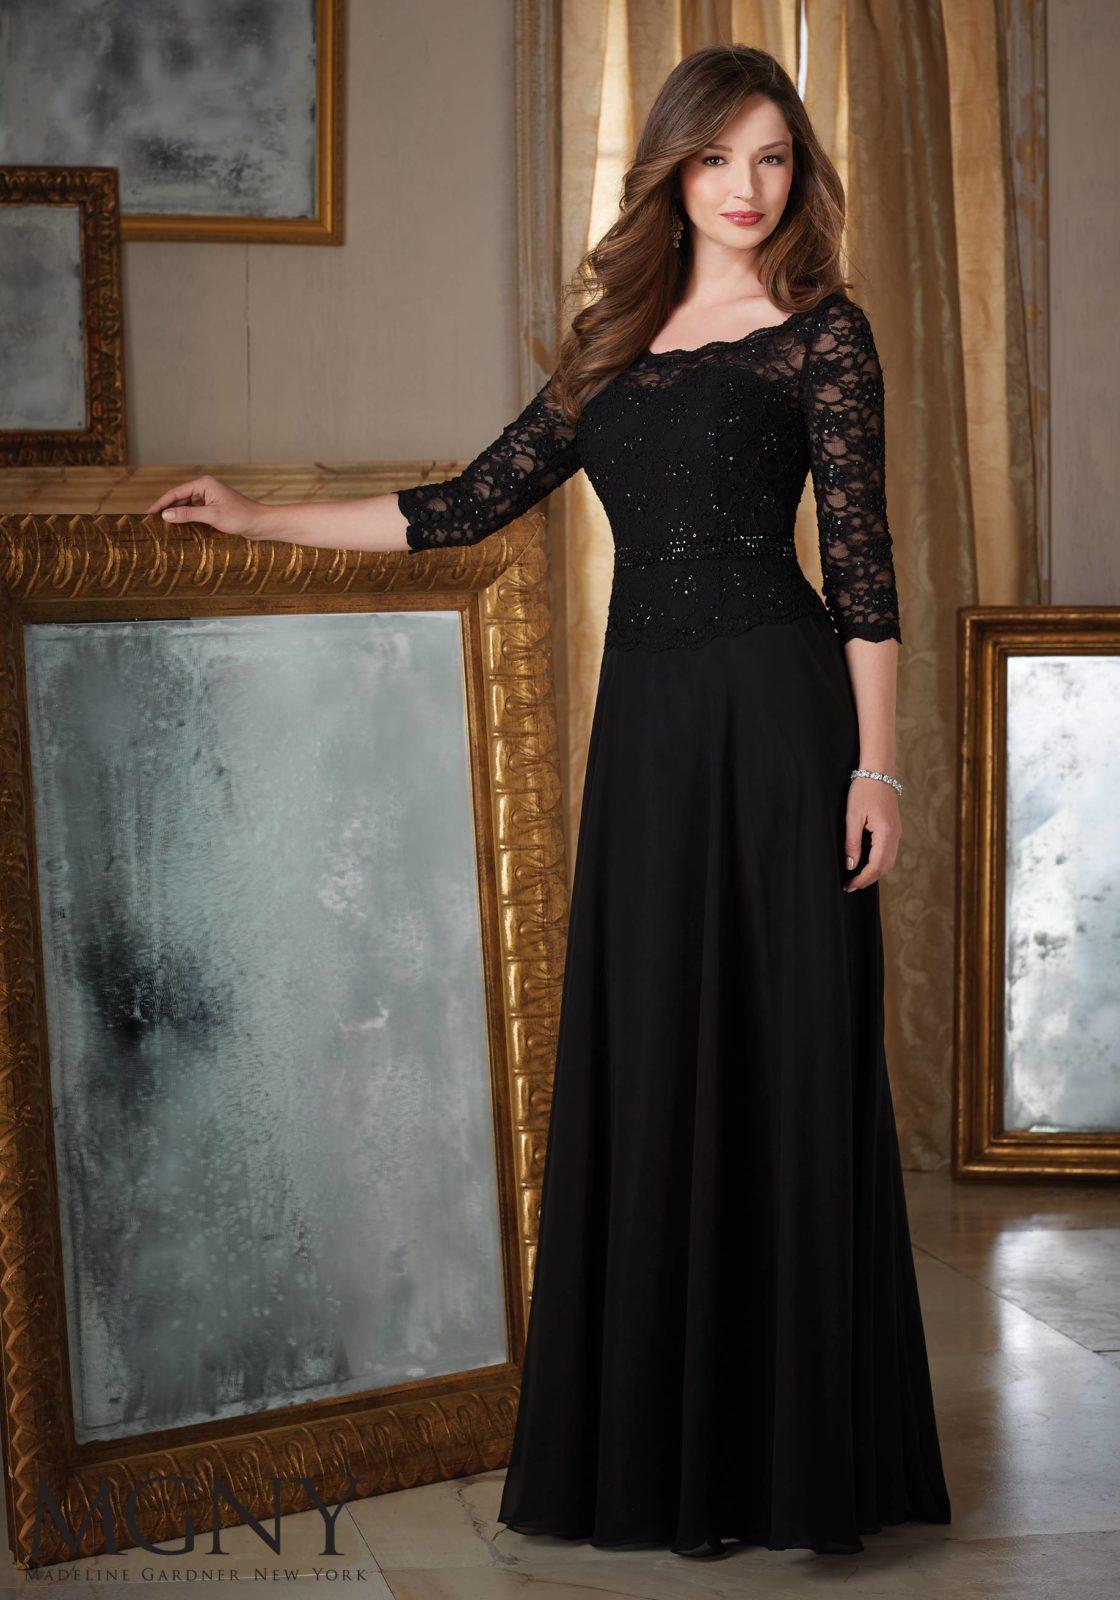 مدل لباس مجلسی پوشیده زنانه، مدل لباس مجلسی پوشیده ، مدل لباس مجلسی پوشیده2017،مدل لباس مجلسی پوشیده زنانه 96، مدل لباس مجلسی پوشیده